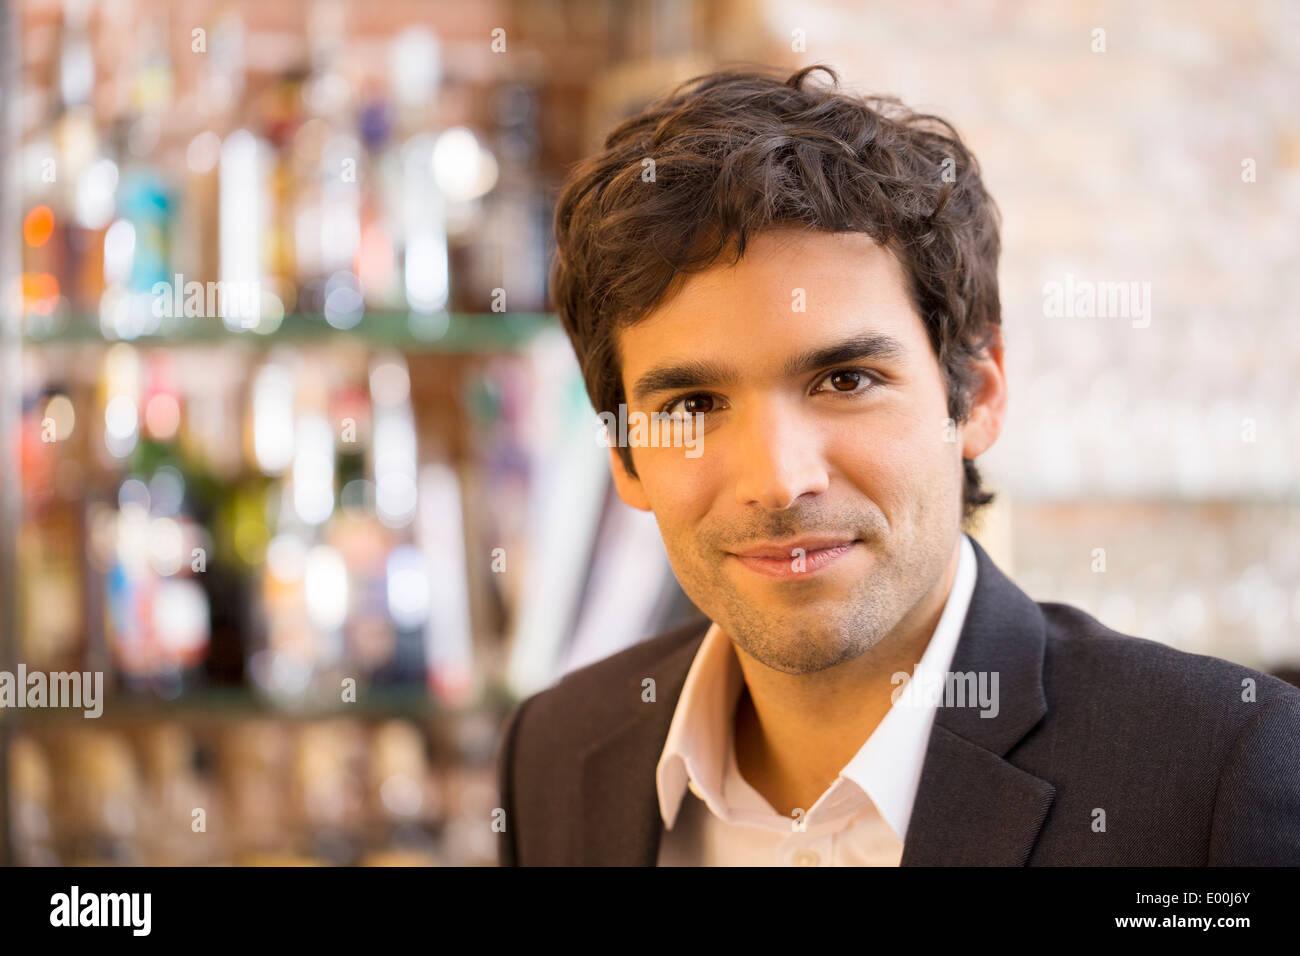 Alegre macho buscando cámara café bar Imagen De Stock